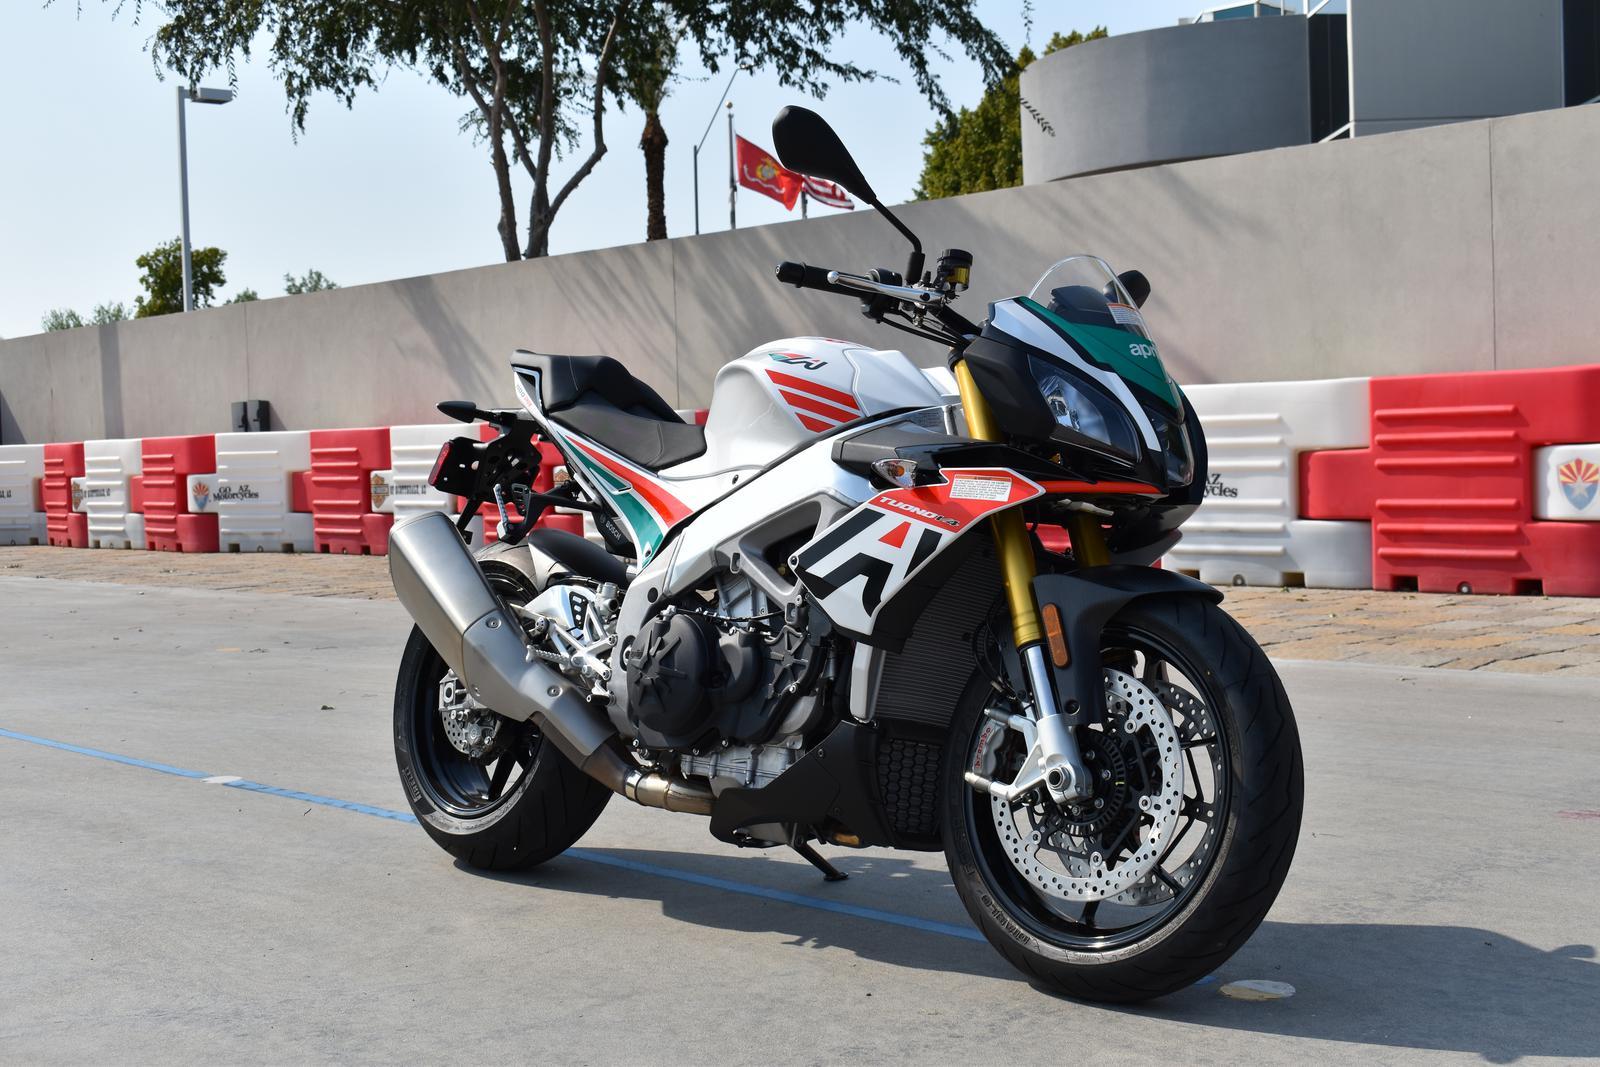 2020 Aprilia Tuono V4 1100 Rr Misano For Sale In Scottsdale Az Go Az Motorcycles In Scottsdale 480 609 1800